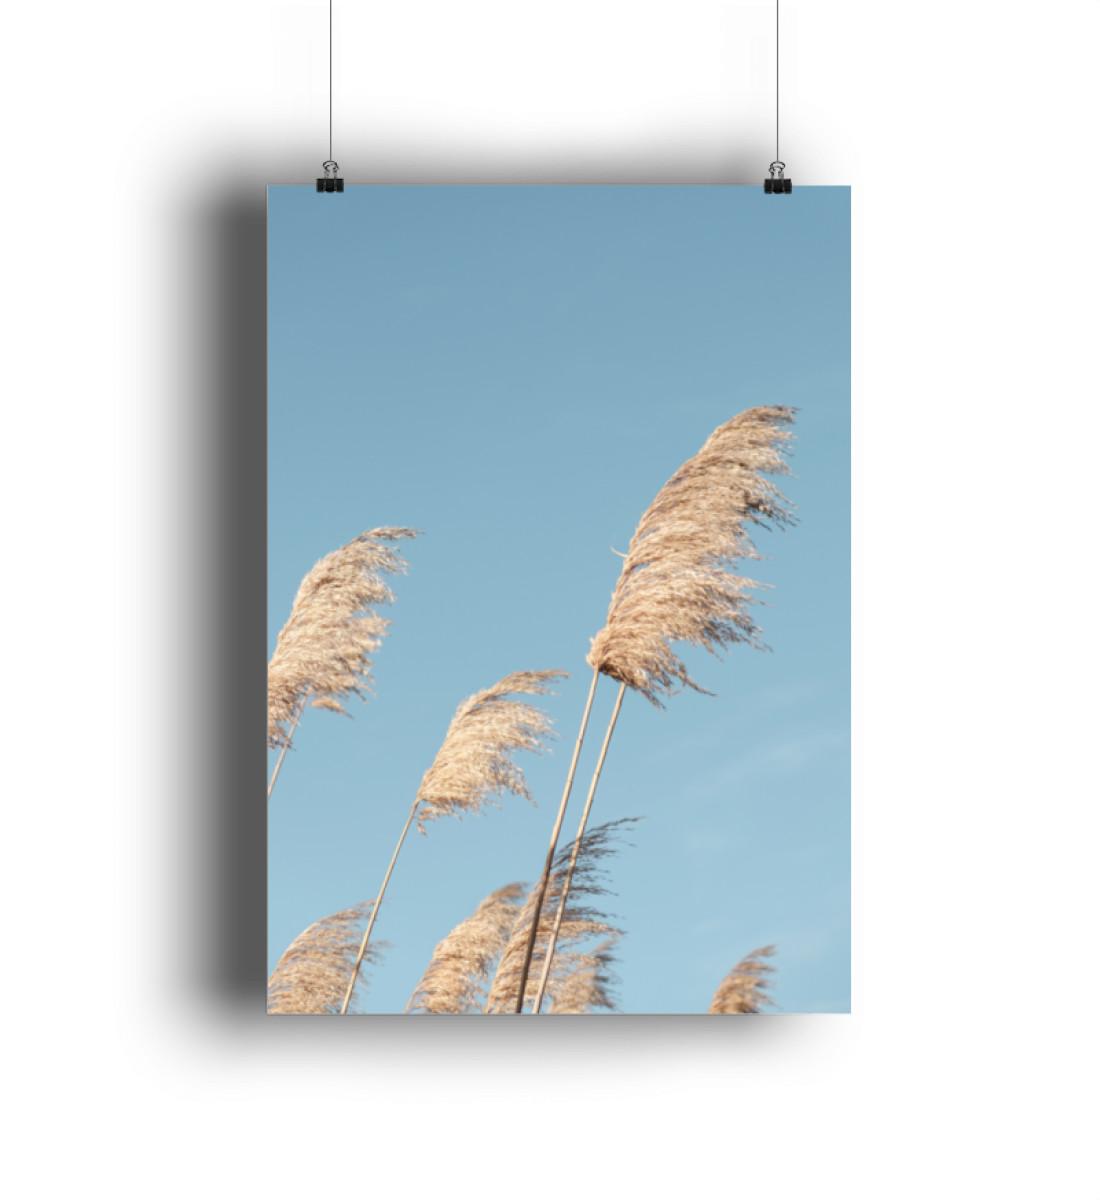 Gräser im Wind - DIN A1 Poster (hochformat)-3